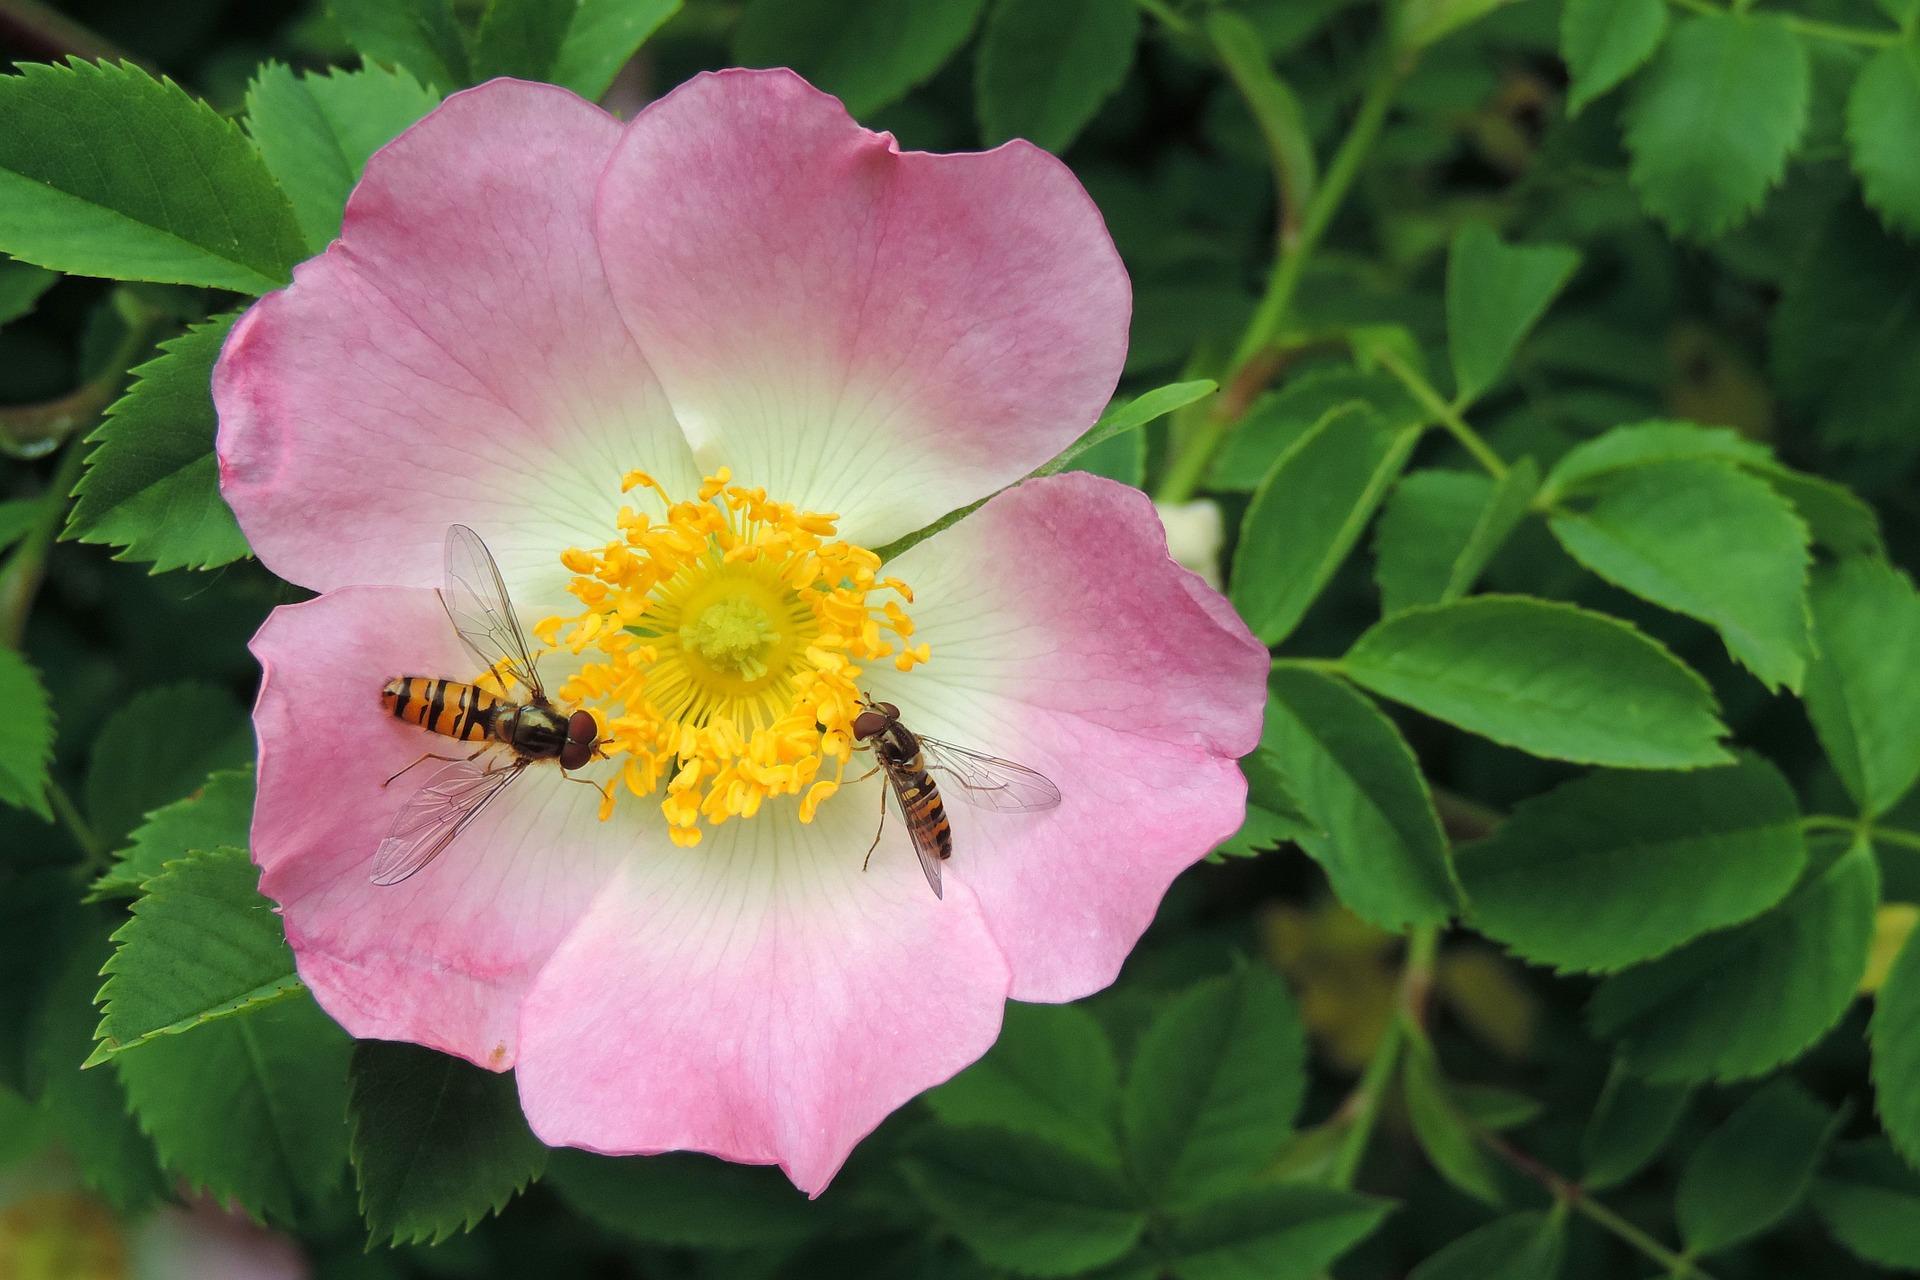 wild-rose-flower-1369223_1920